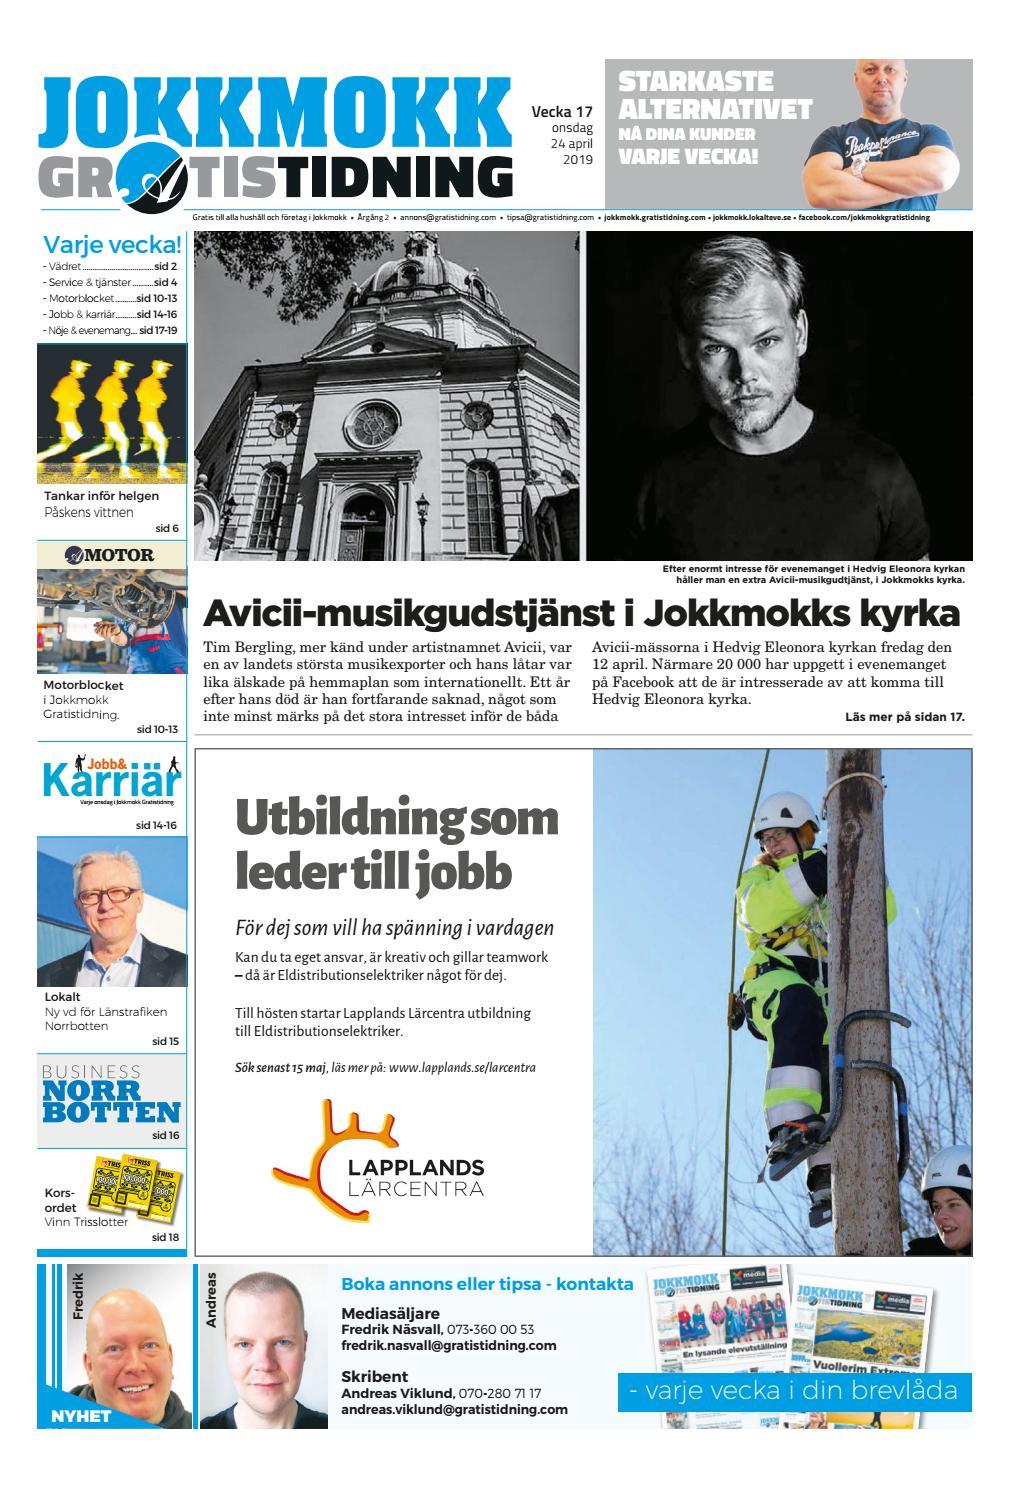 Jobb som Jokkmokk, anstllning | unam.net